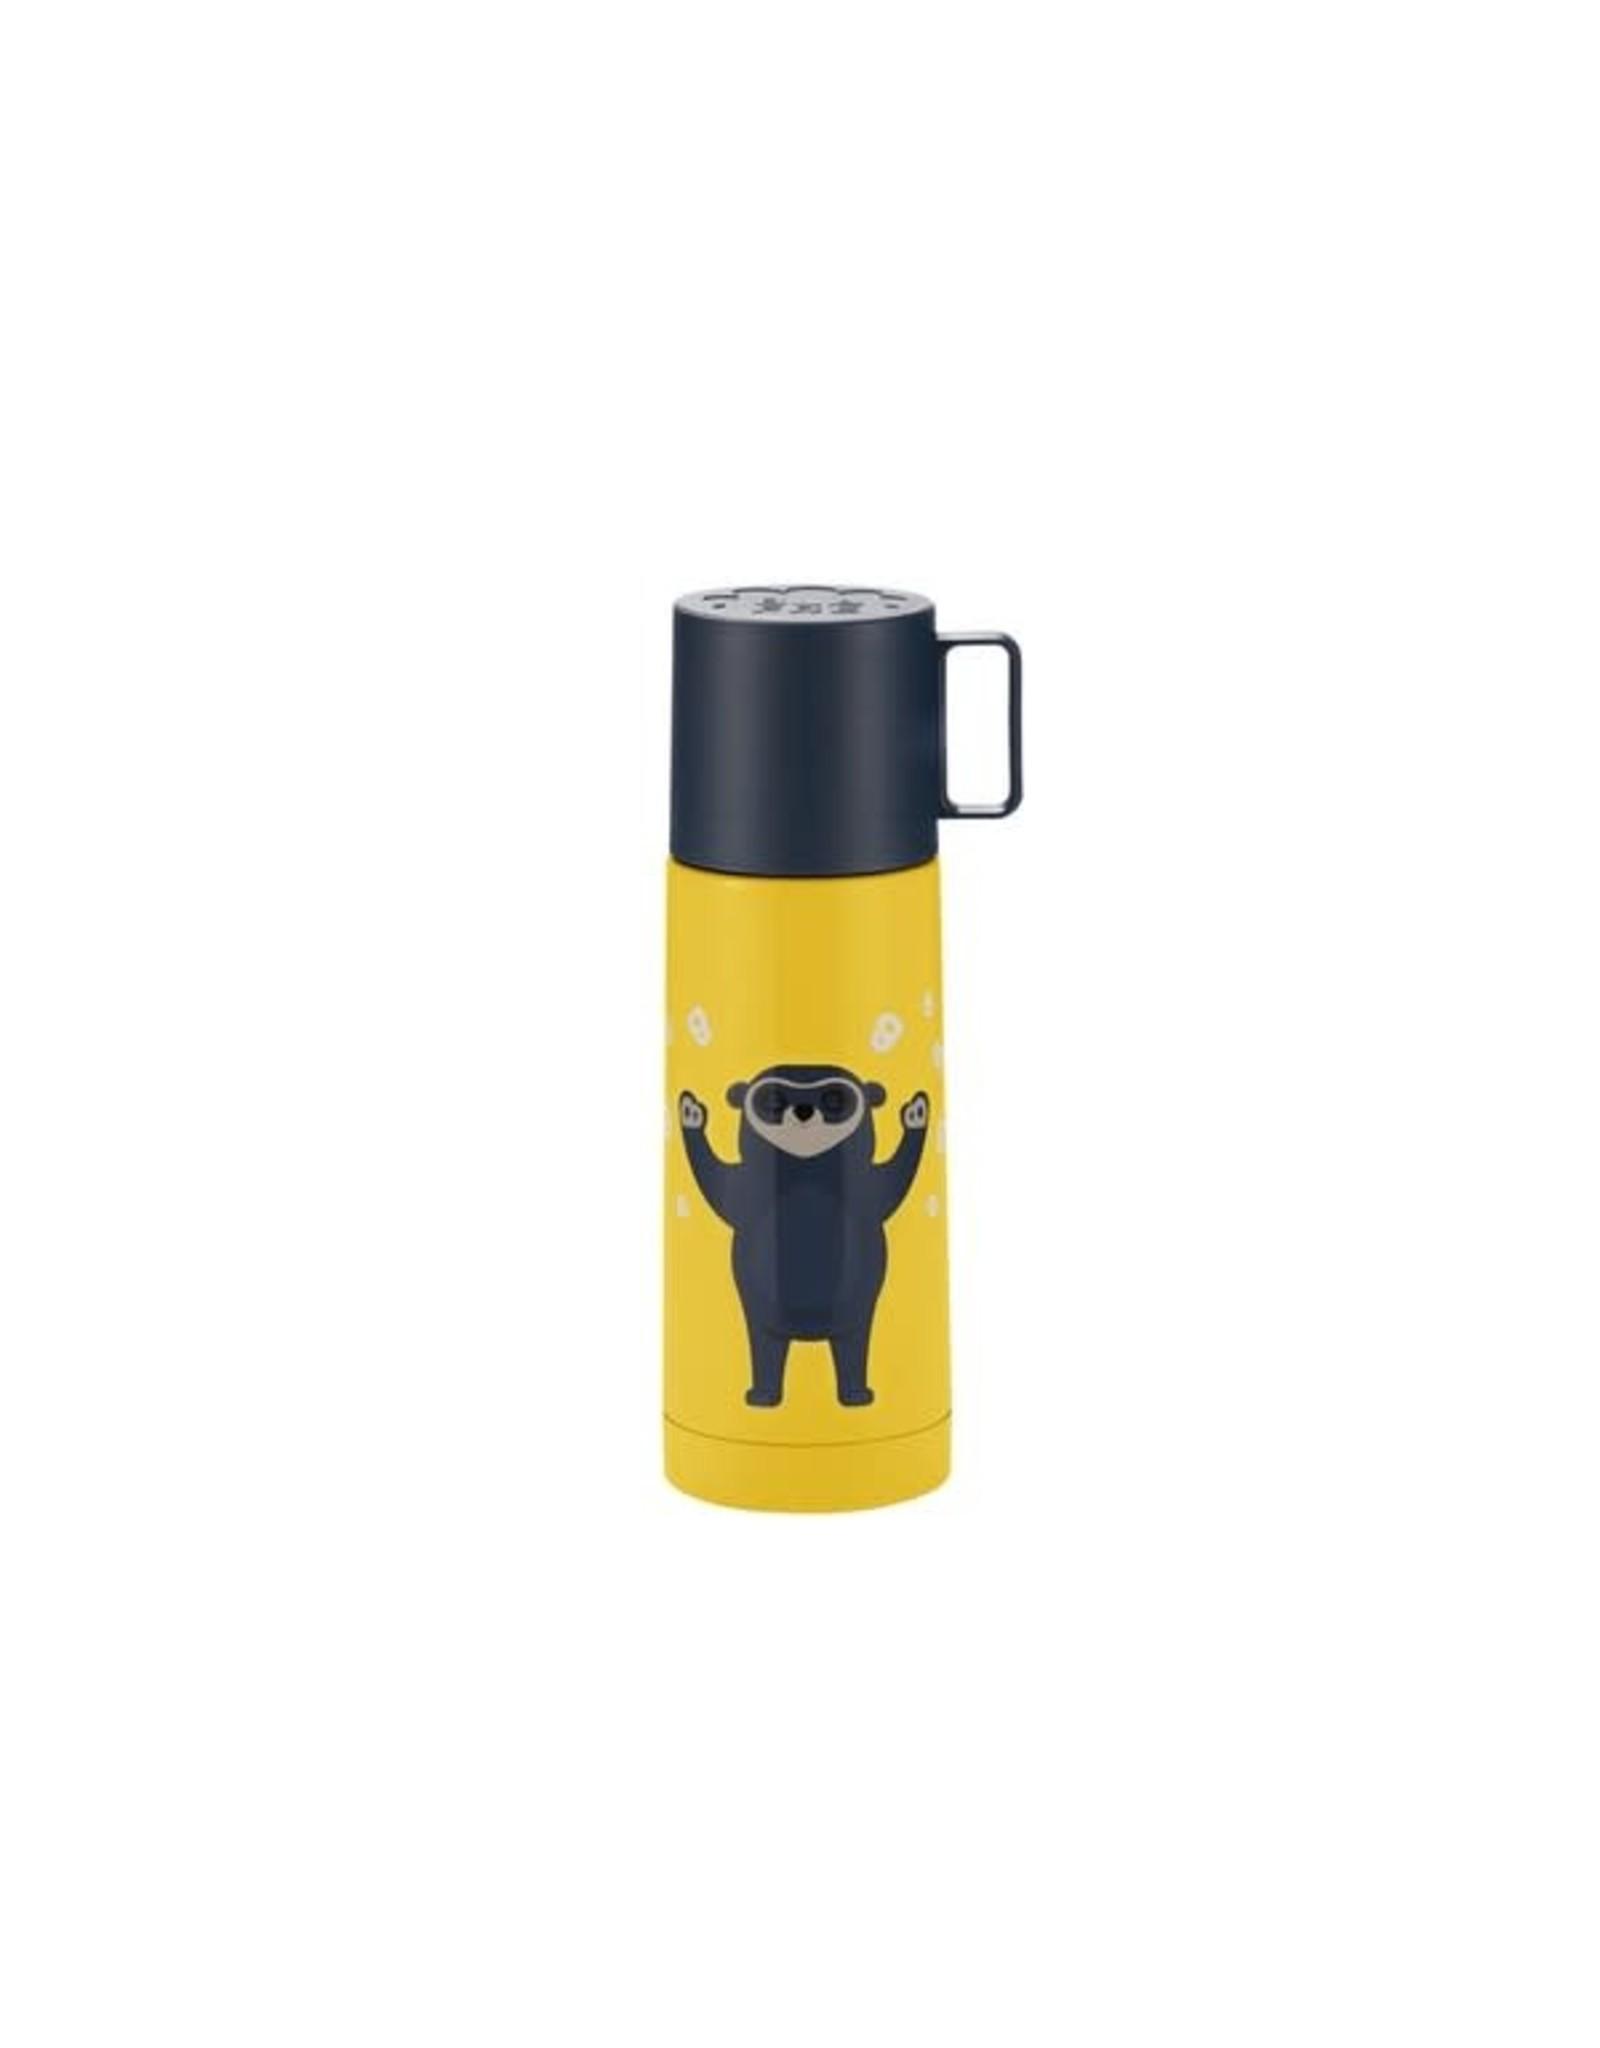 Blafre Blafre Thermal Bottle Bo Bear stainless steel, 350ml Yellow